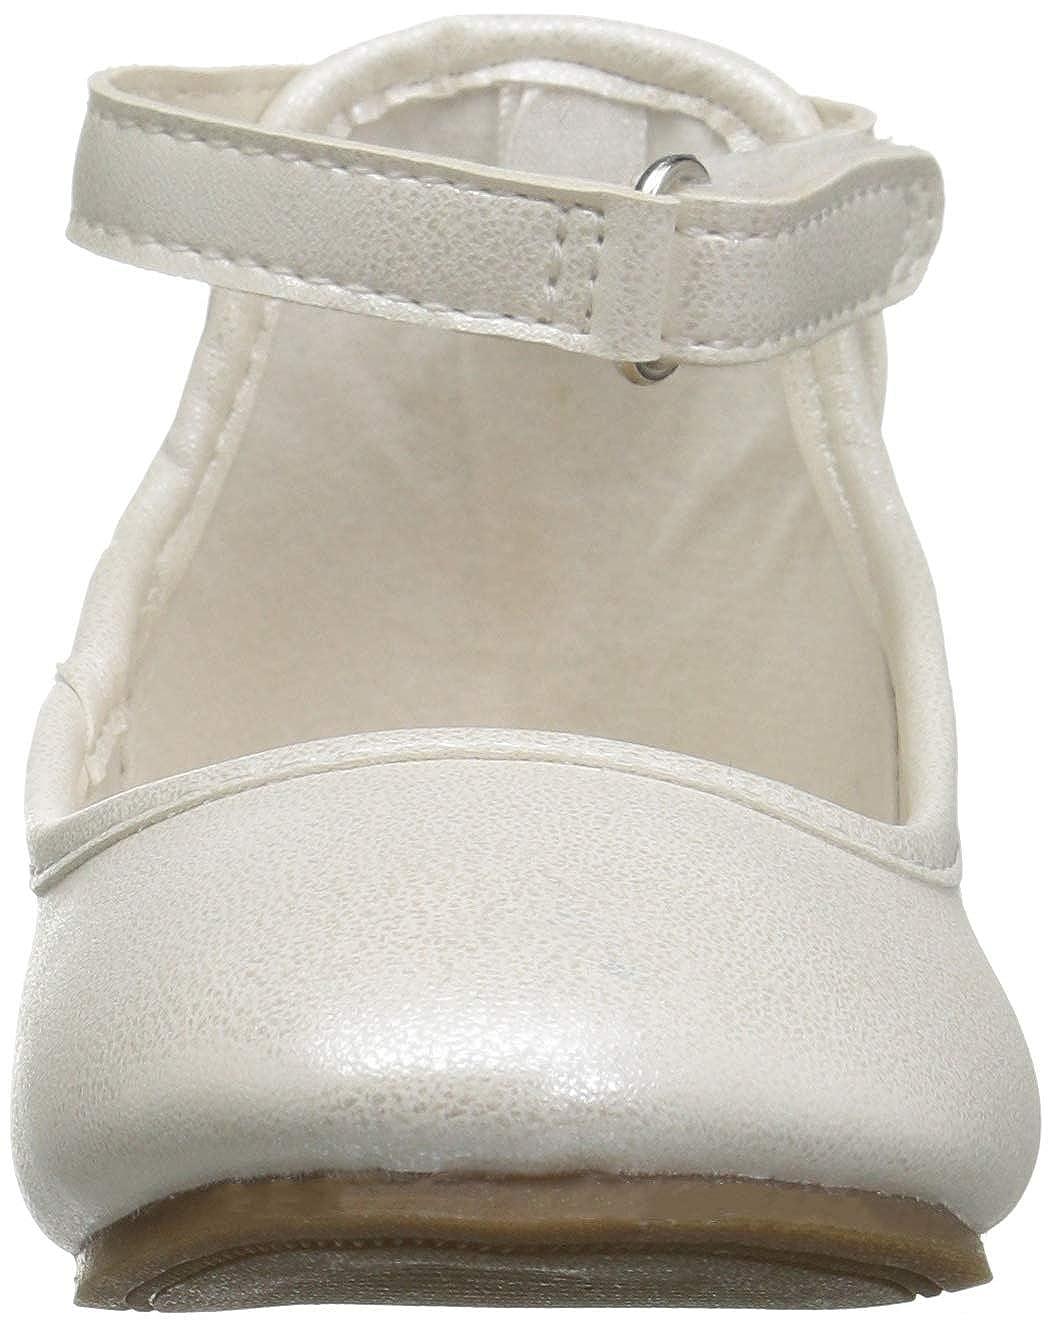 Carters Kids Girls Arietta Ivory Ballet Flat 12 M US Little Kid Carter/'s CF180803